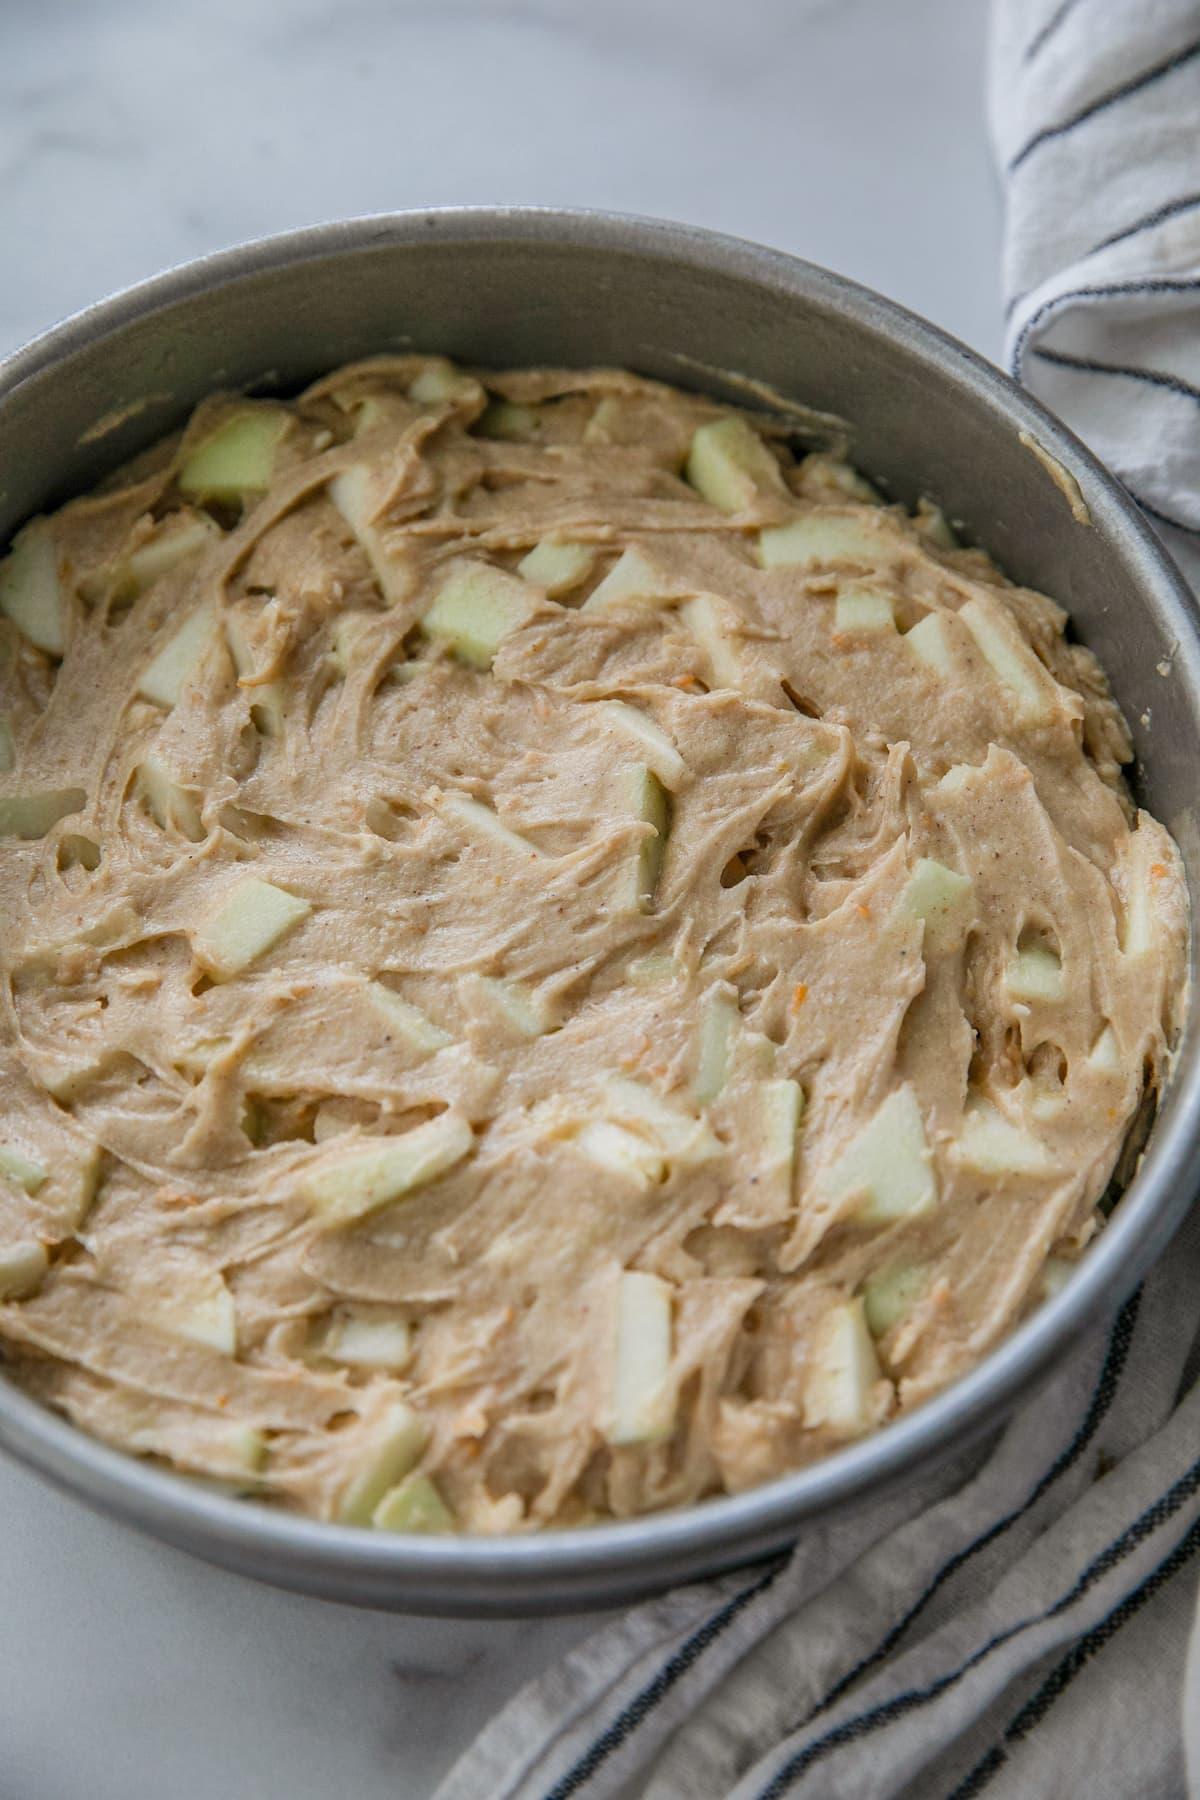 apple cake batter in round cake pan